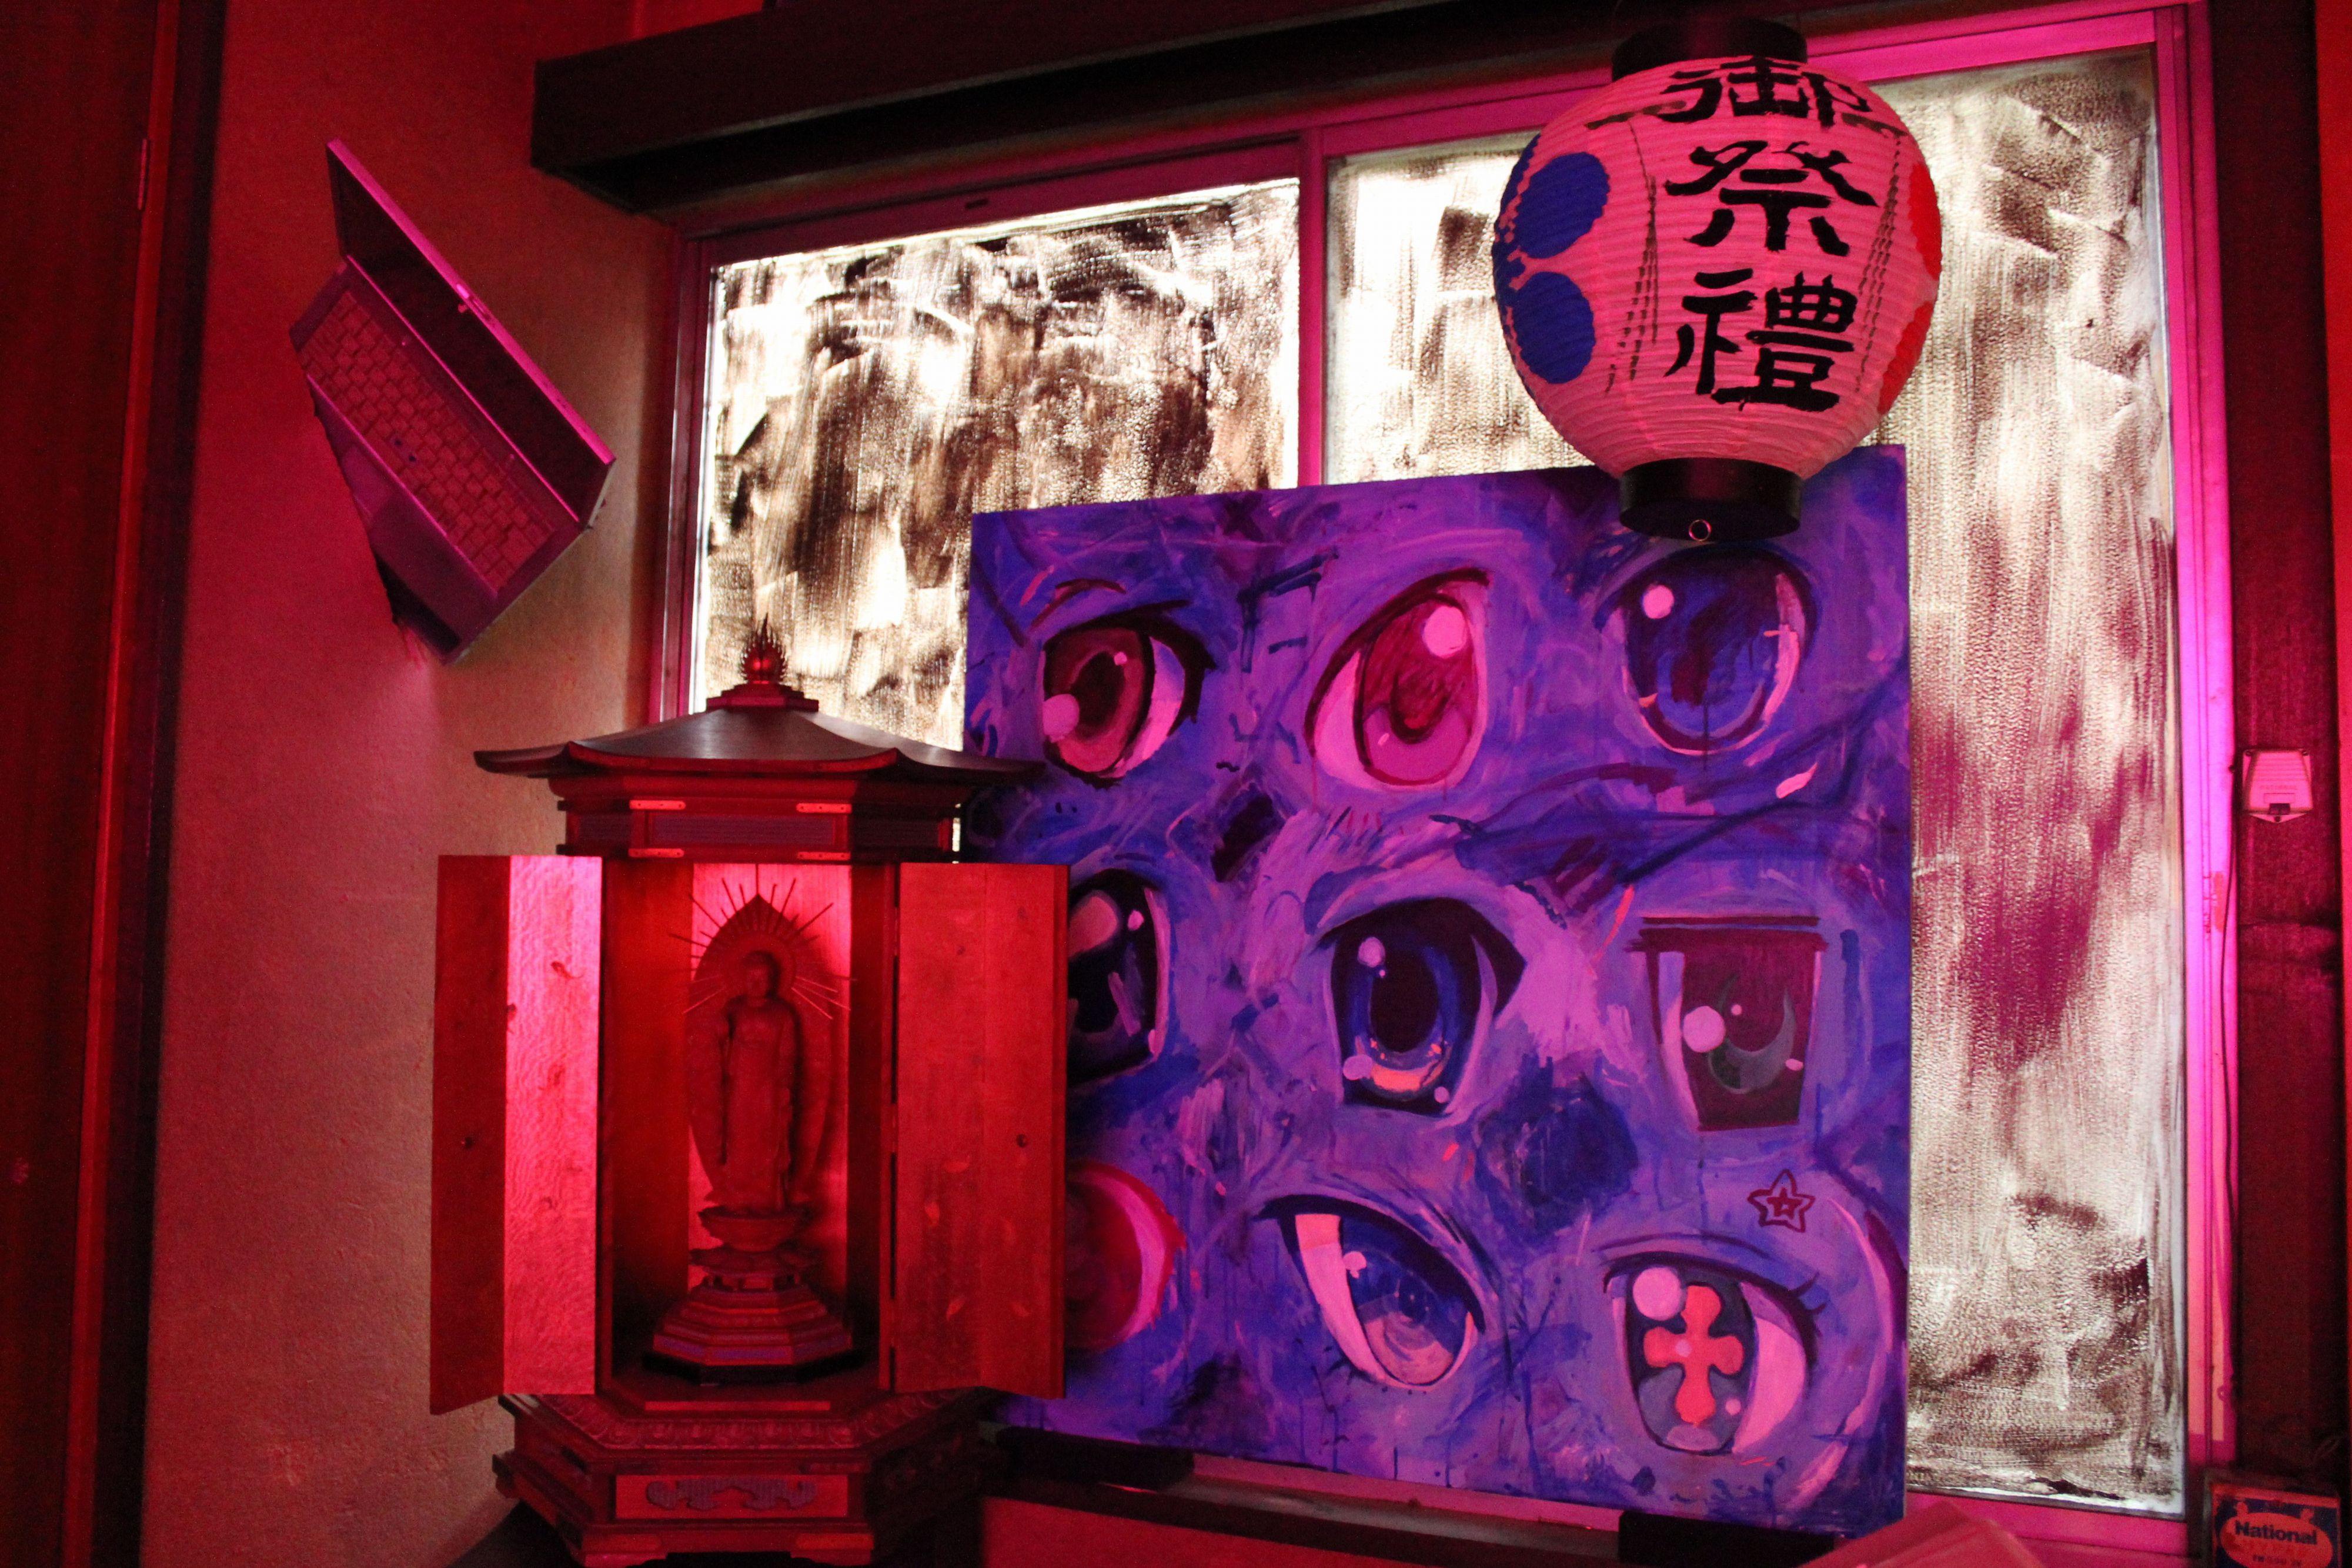 「キャラクラッシュ!」展~現代アート集団「カオス*ラウンジ」によるインスタレーションの展示!取り壊し目前の木造一軒家にて繰り広げられる偶像破壊の芸術祭!